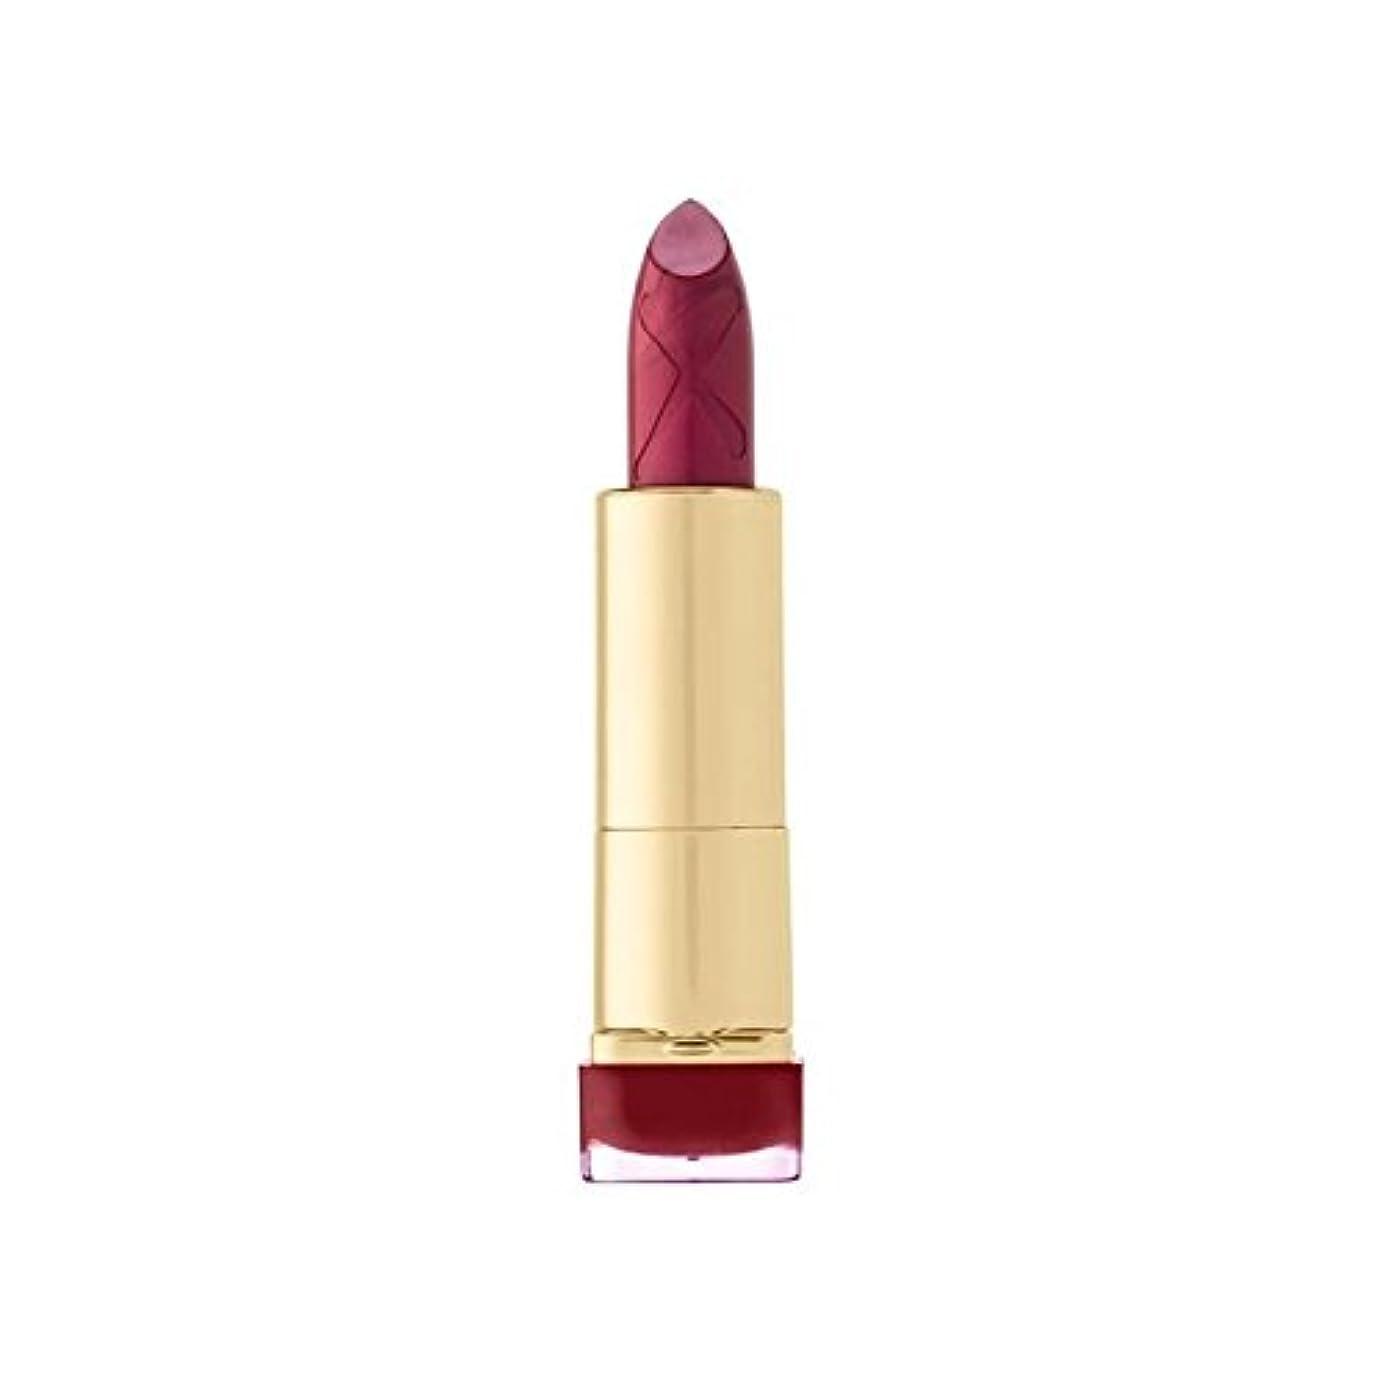 脚本ソーセージ一元化するMax Factor Colour Elixir Lipstick Mulberry 685 - マックスファクターカラーエリクシルの口紅桑685 [並行輸入品]